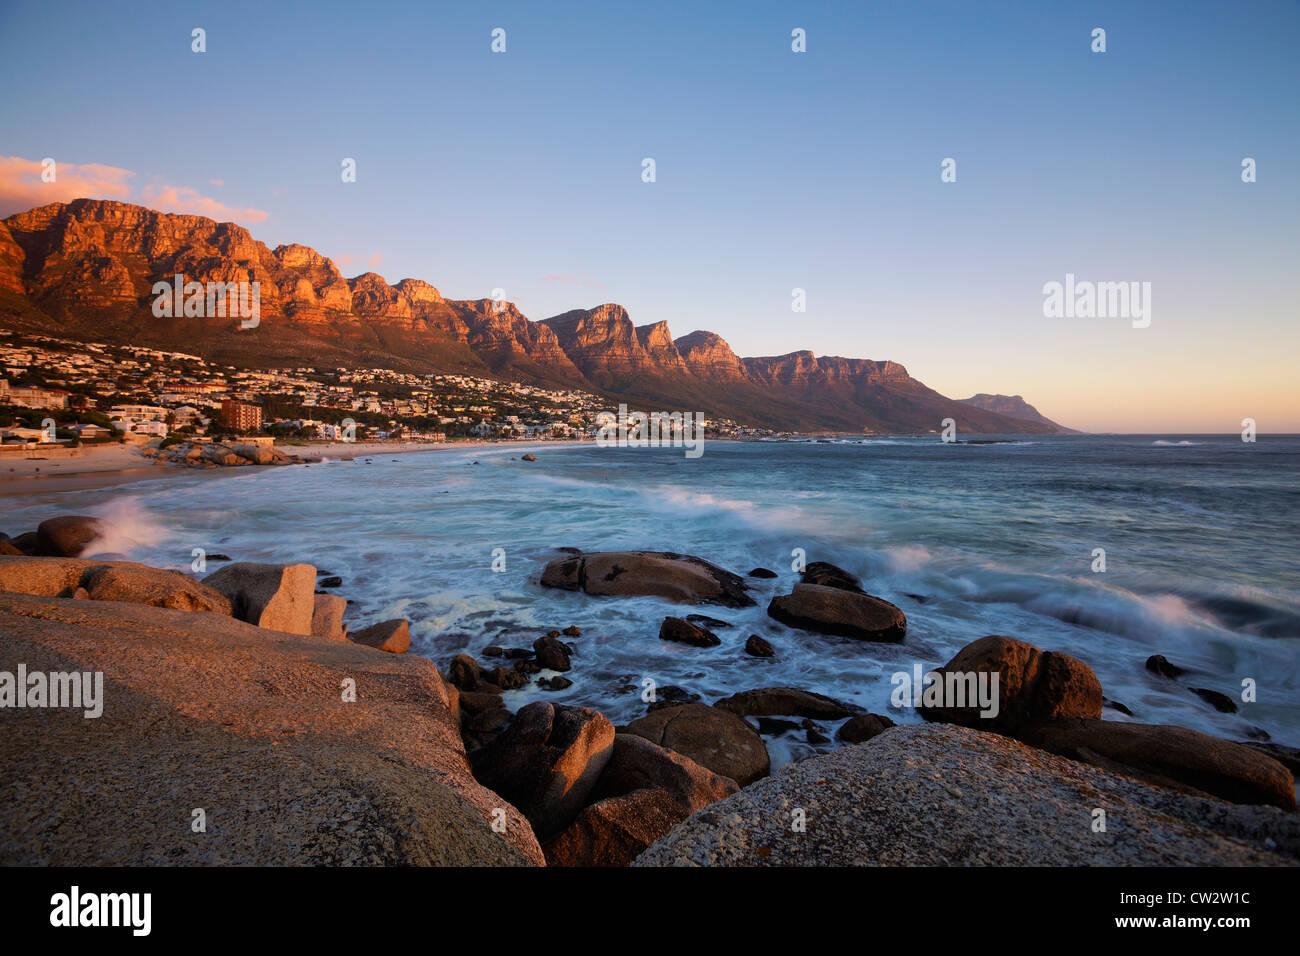 La spiaggia di Camps Bay con la vista dei dodici Apostoli mountain range.Cape Town.Sud Africa Immagini Stock